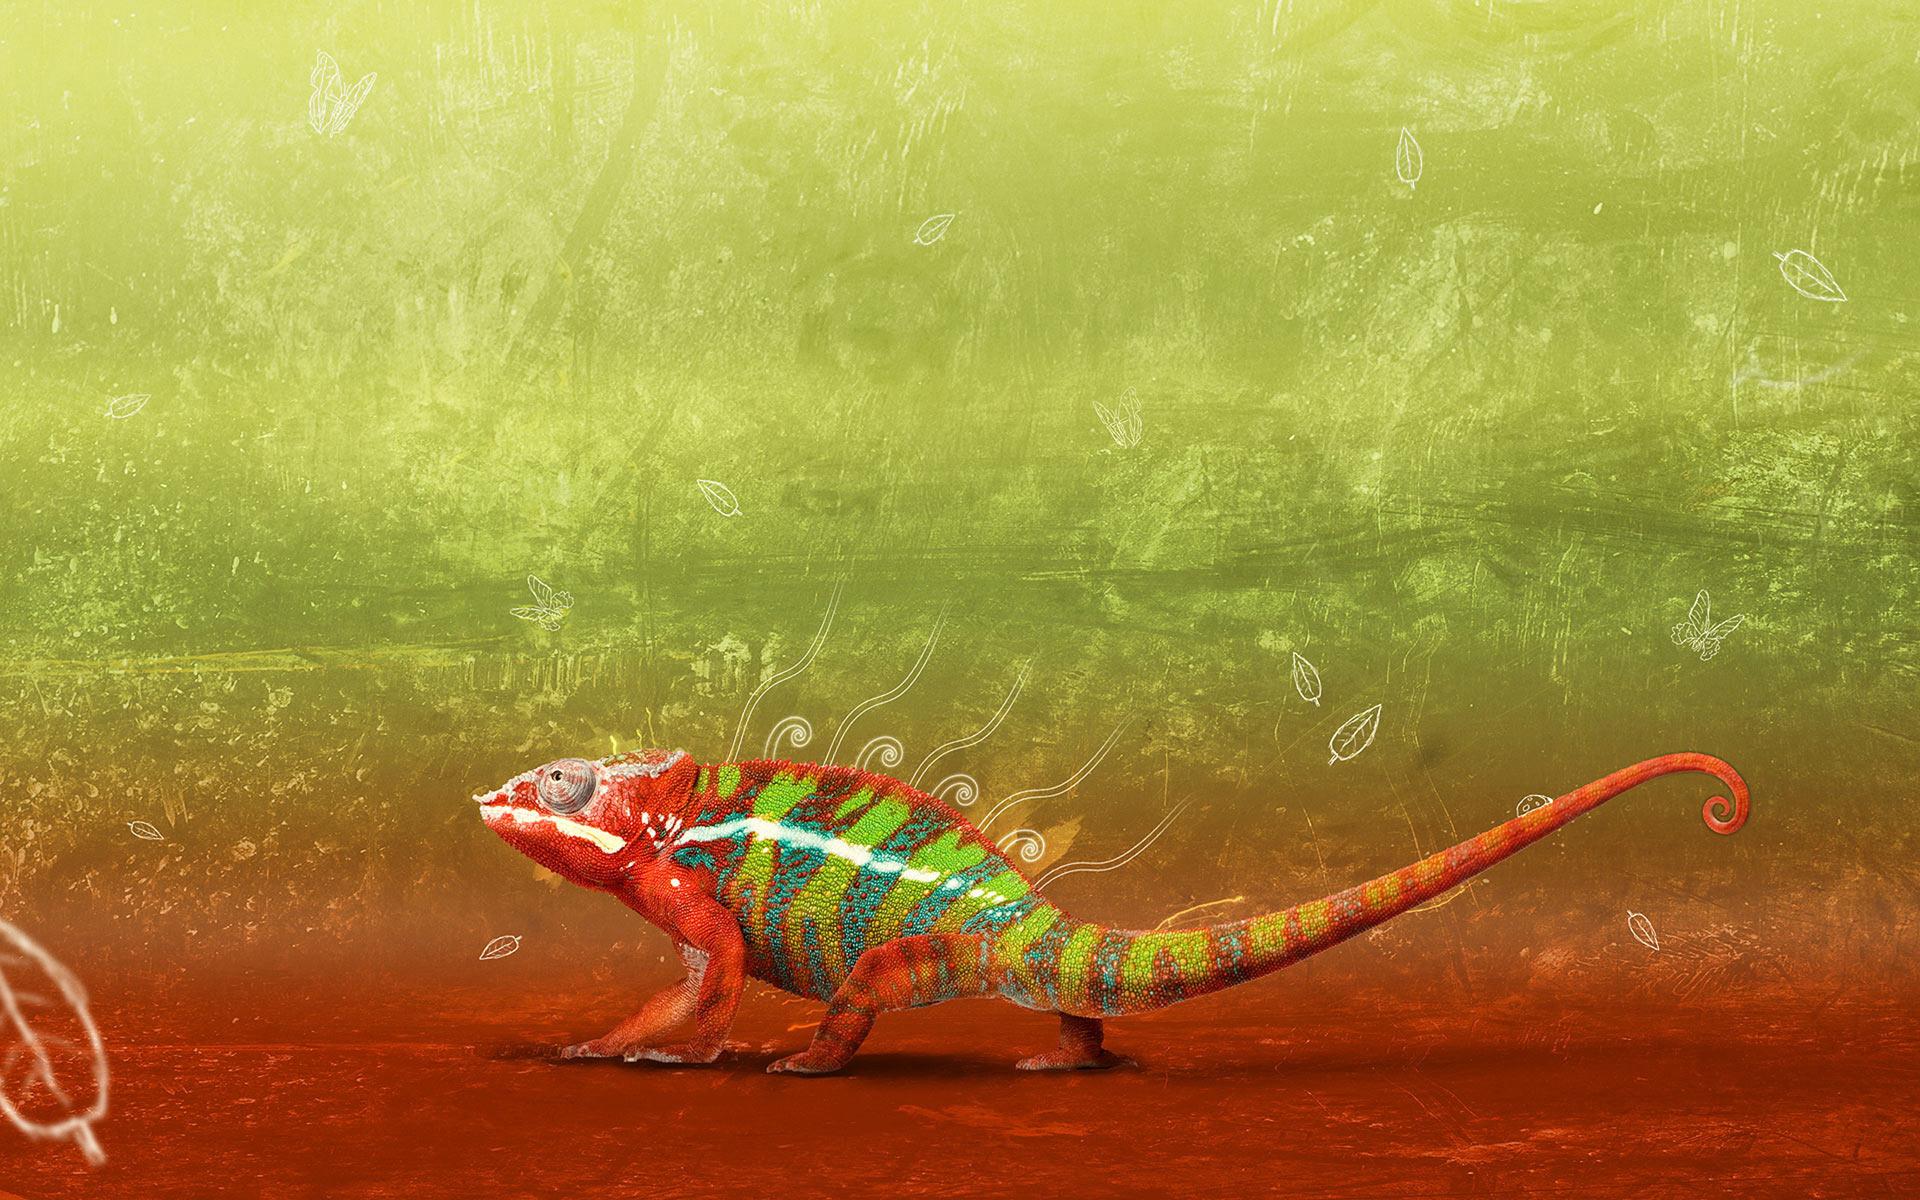 chameleon wallpaper 1920x1200 - photo #9